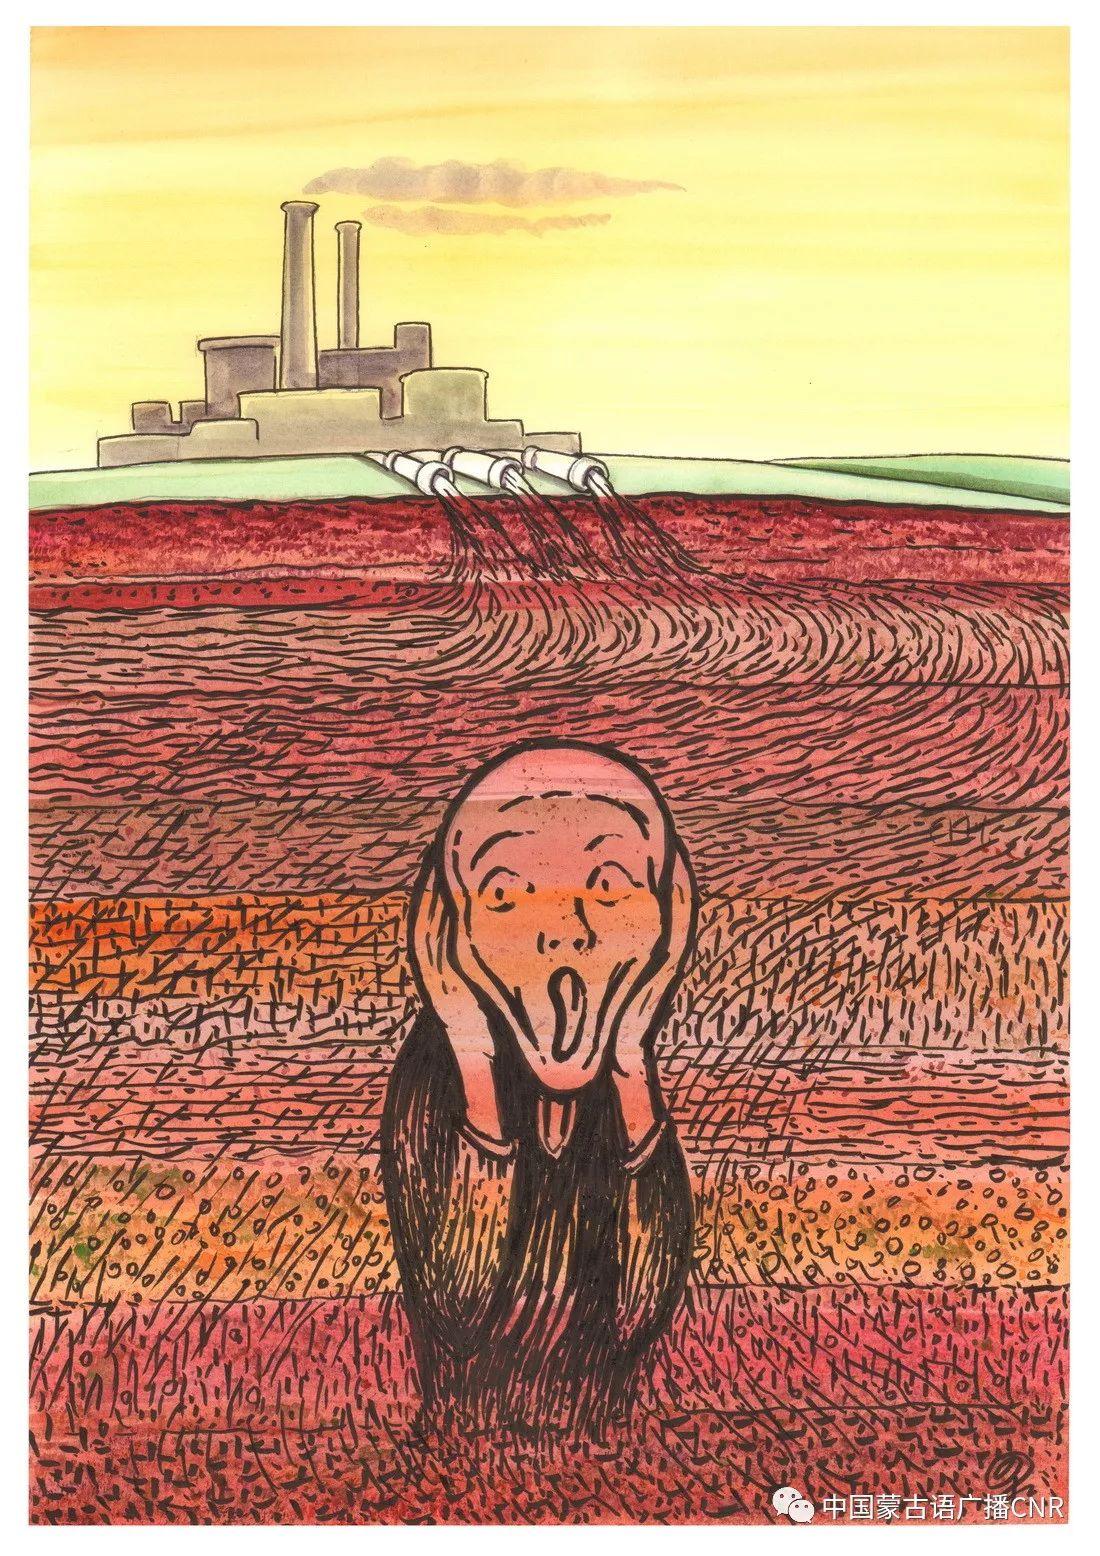 蒙古族漫画家巴•毕力格的漫画新作 第31张